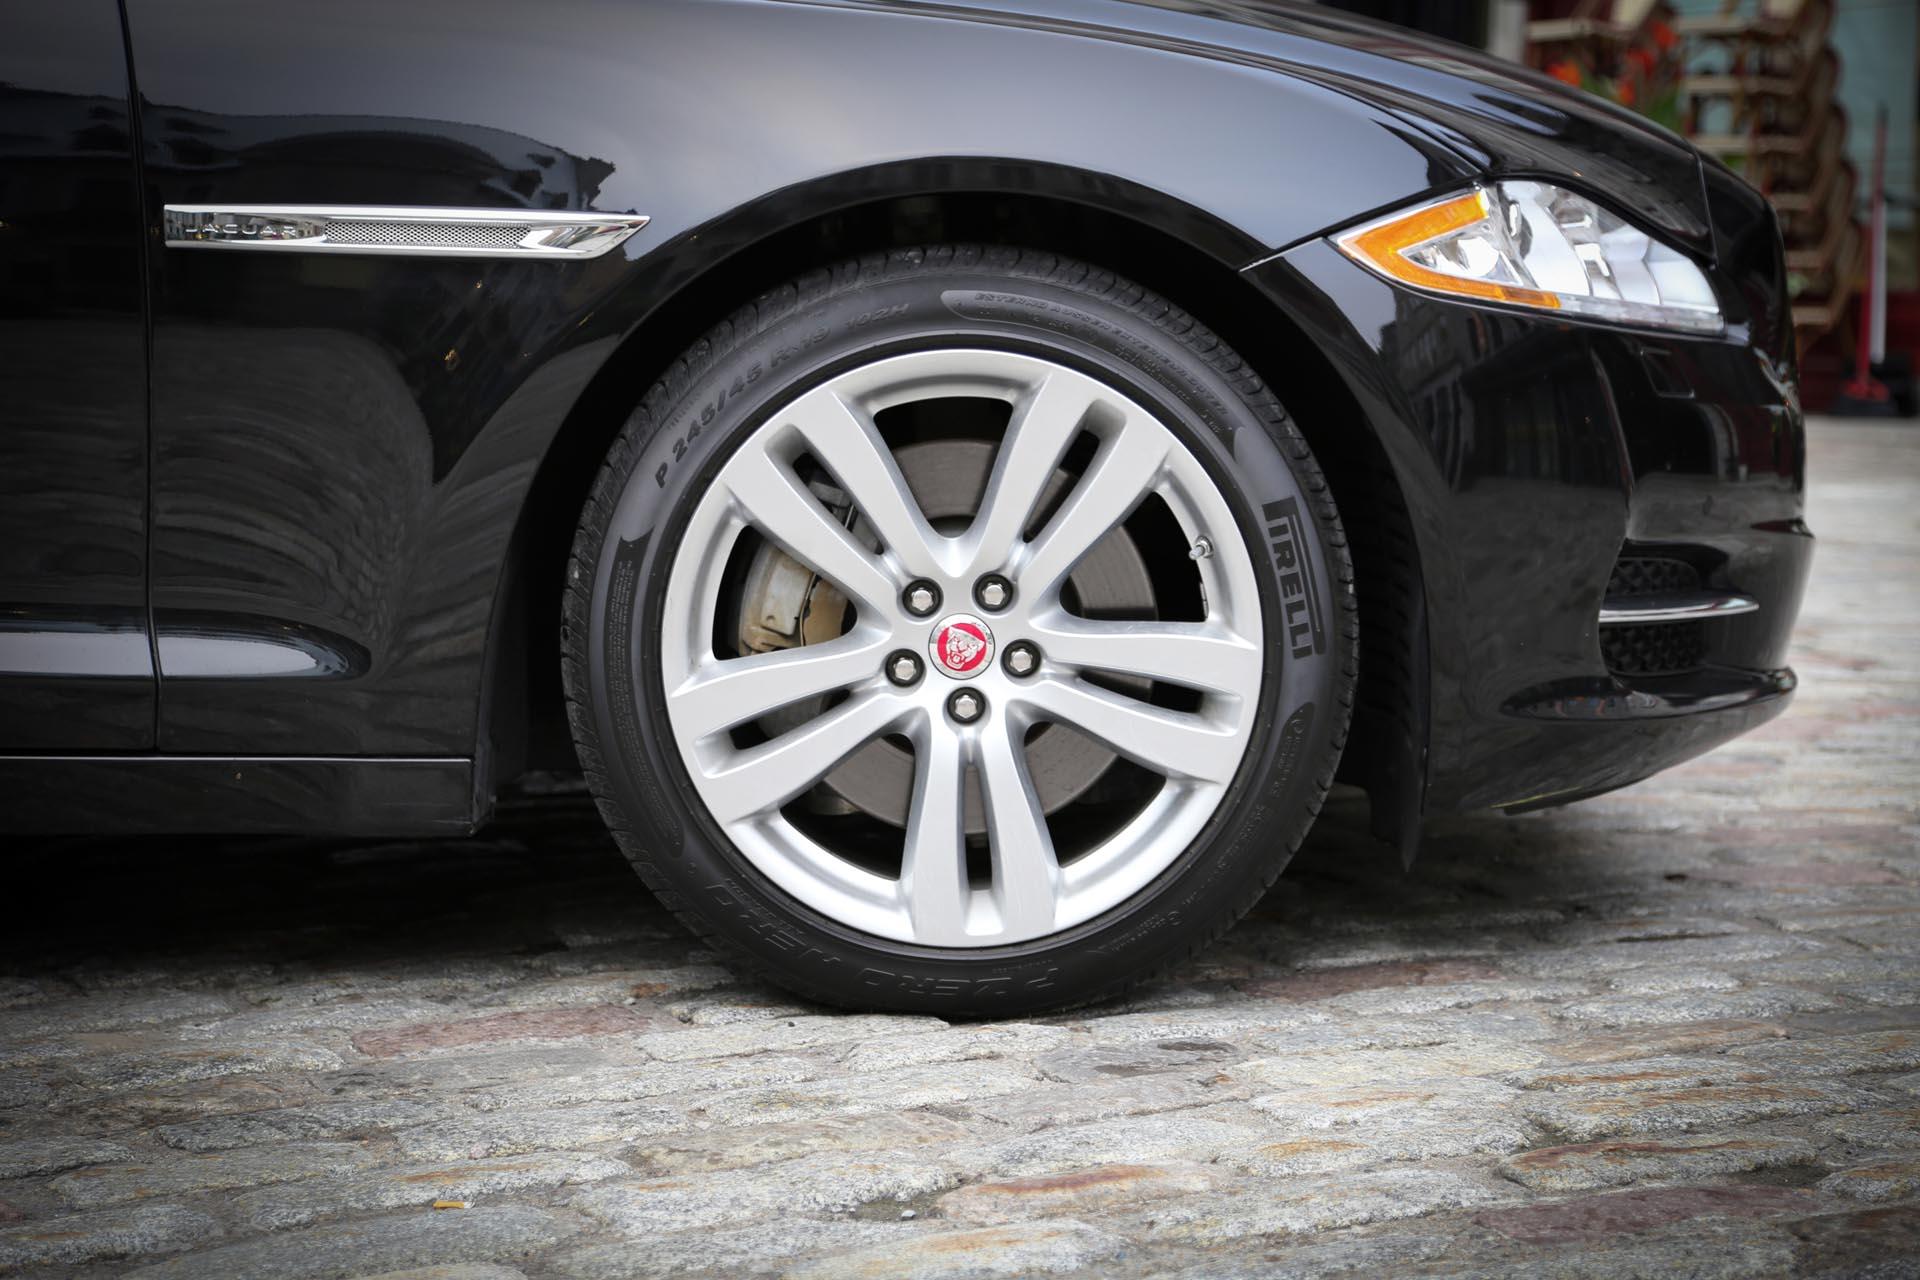 2010-2018 Jaguar XJ Used Vehicle Review on jaguar xj12, xf portfolio, jaguar xkr, jaguar cars, jaguar sovereign, jaguar xj8 portfolio, jaguar s type portfolio, jaguar xjr portfolio, jaguar xjs, jaguar 2009 models, jaguar e-type, super v8 portfolio, jaguar xj-sc,